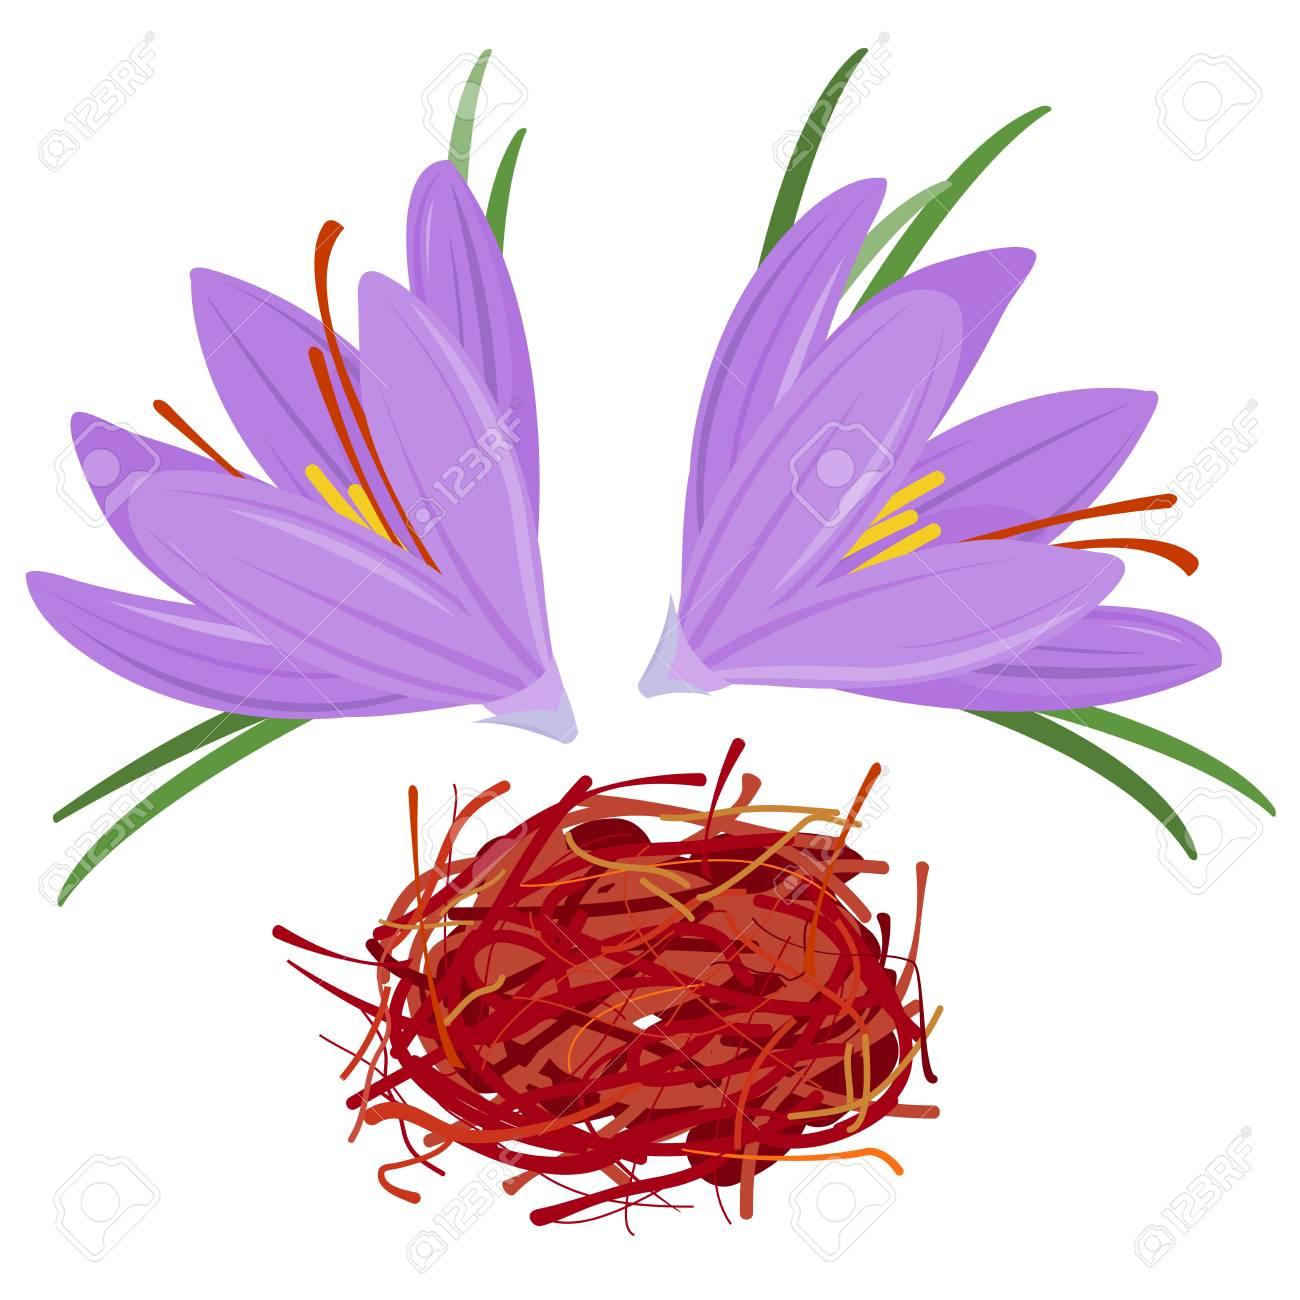 Flower Crocus And Dried Saffron Spice Crocus Sativus Royalty Free